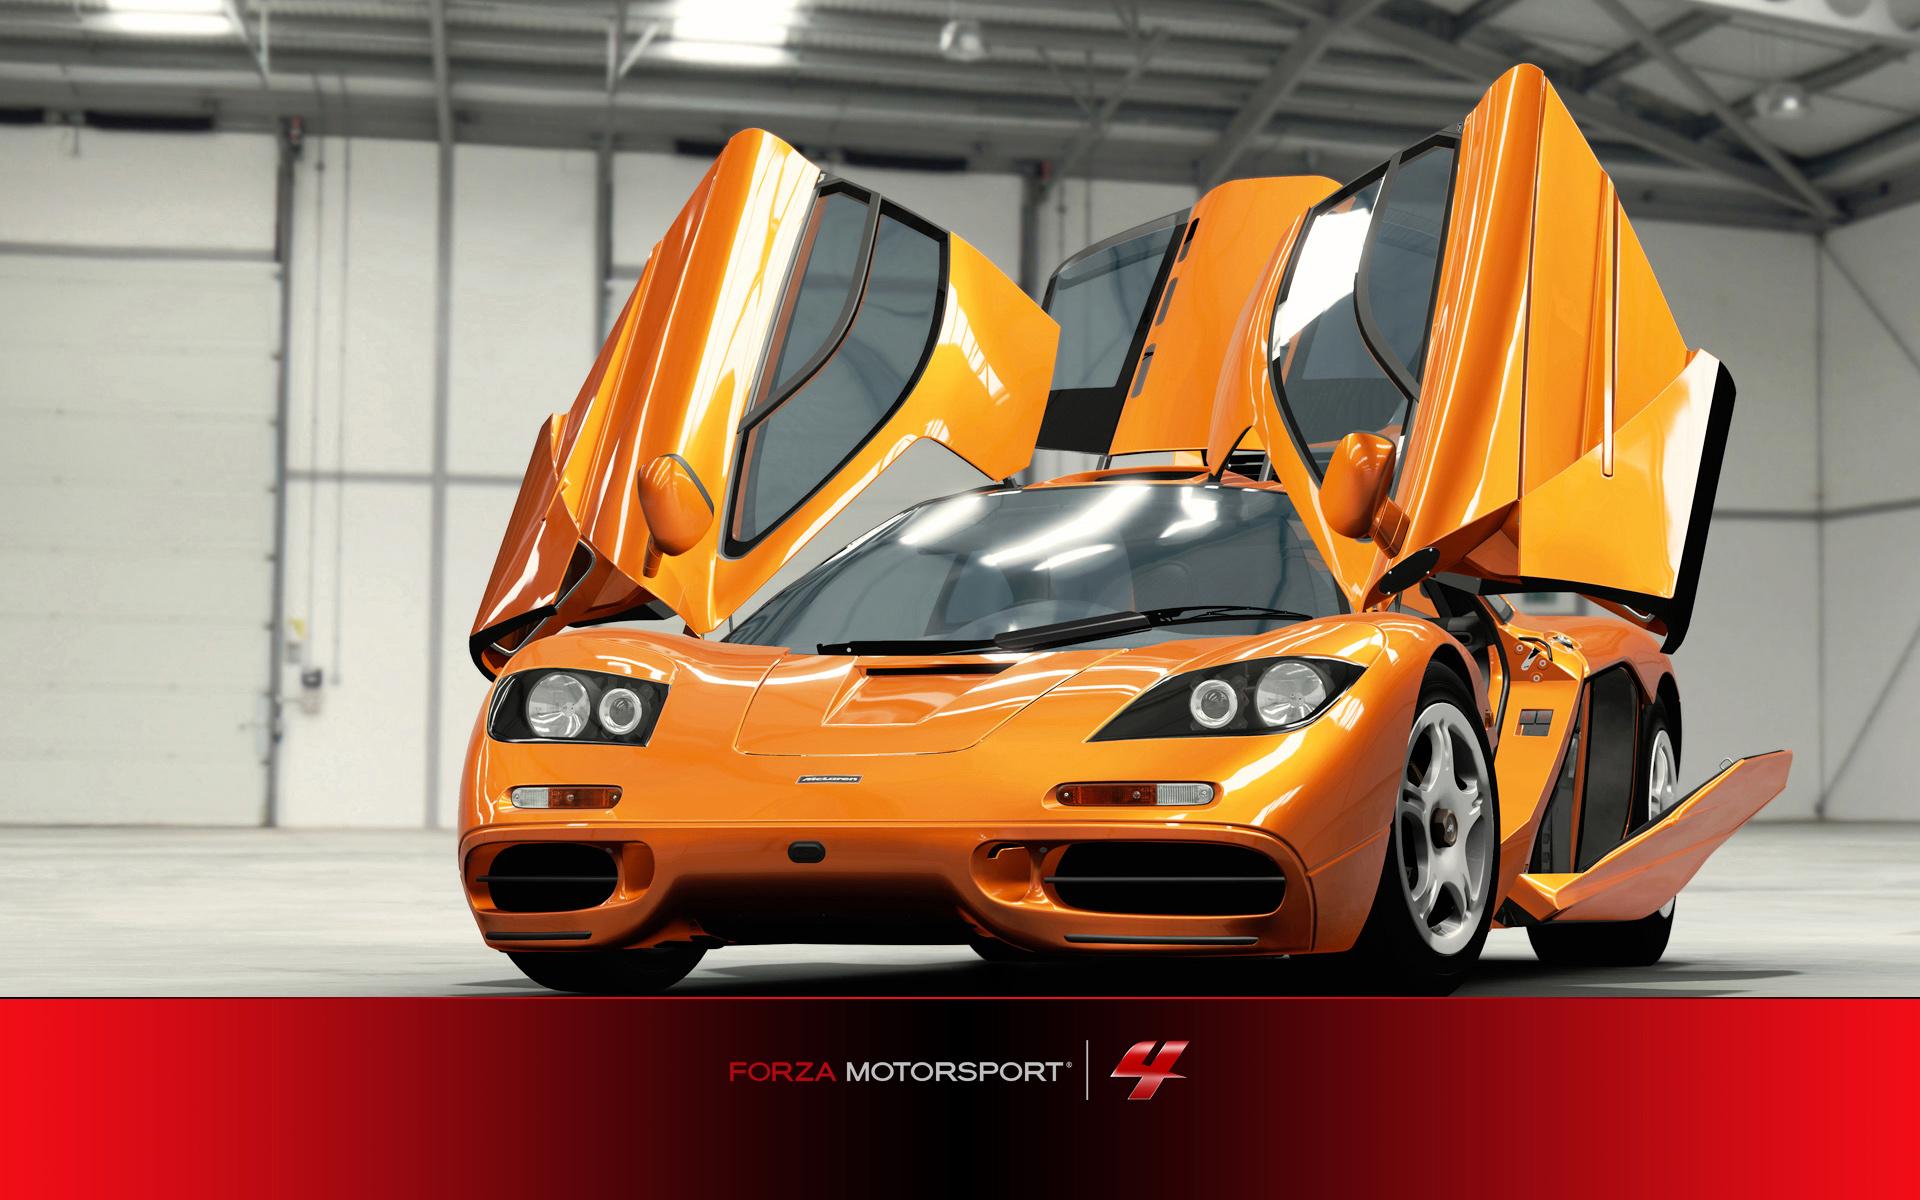 wallpaper hd del juego forza motorsport4 coche puertas alas